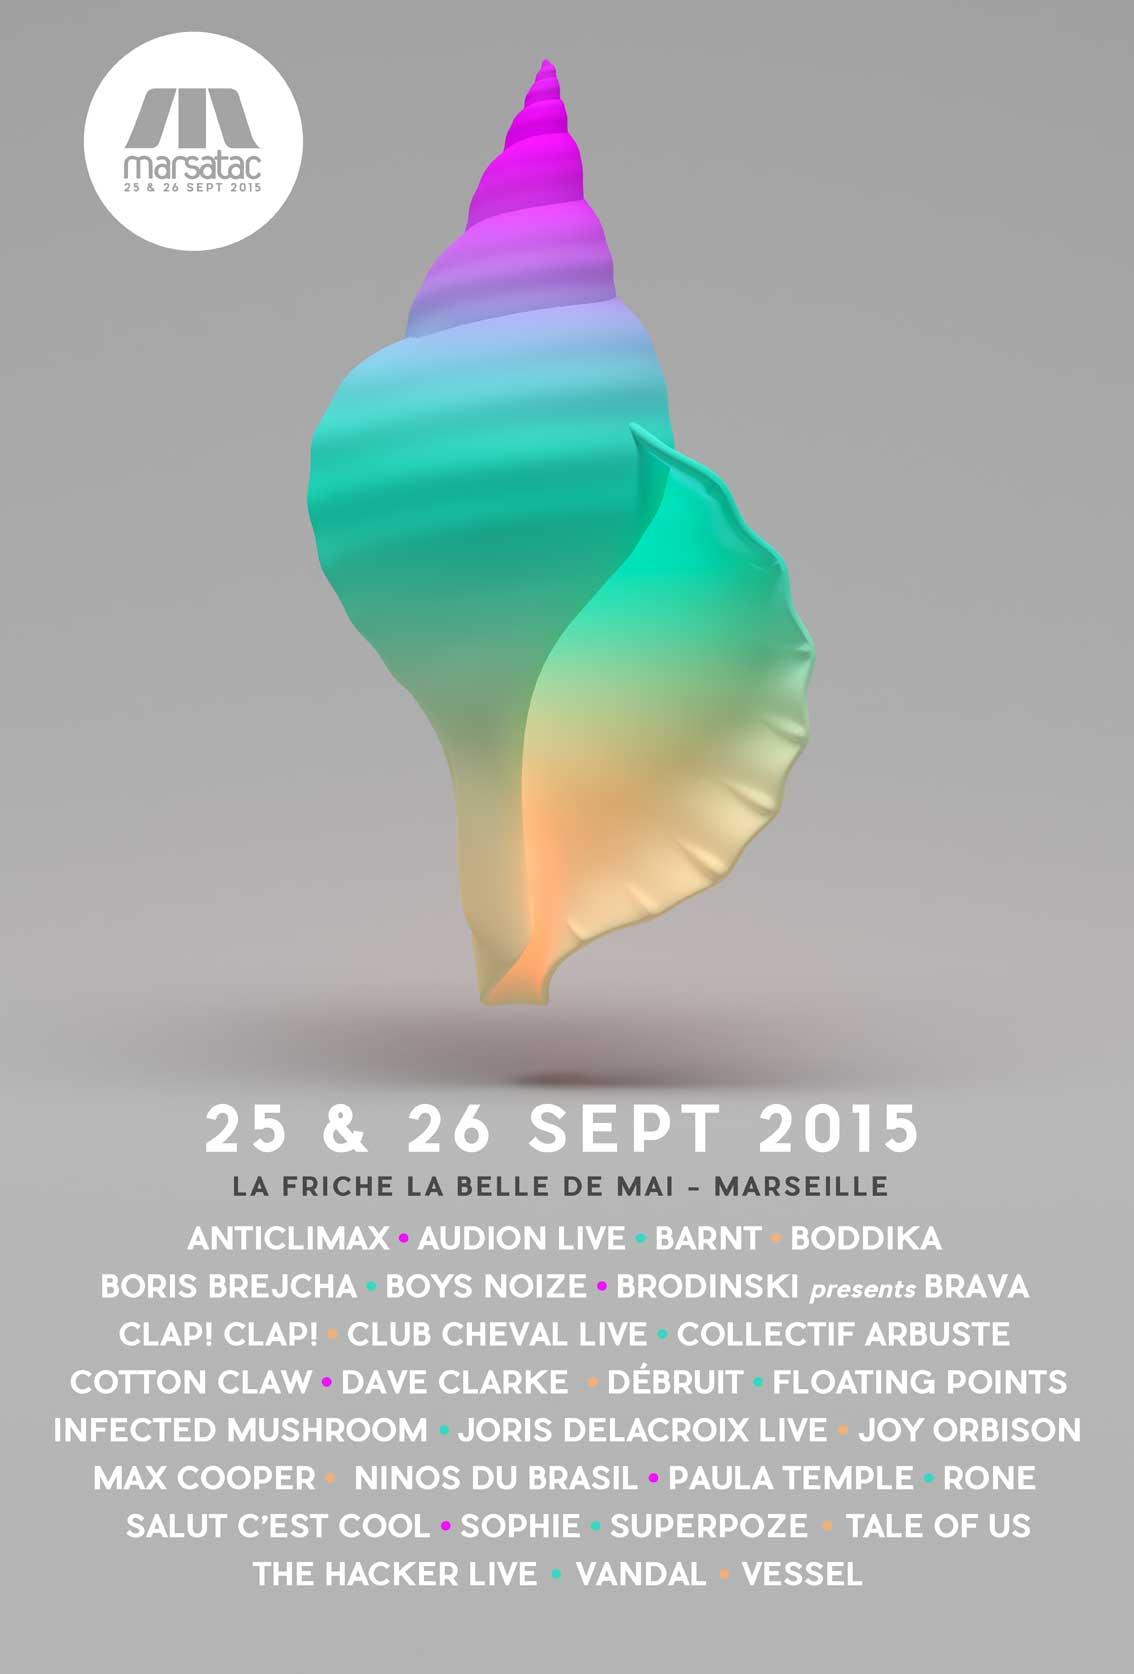 affiche-marsatac-2015-festival-folkr